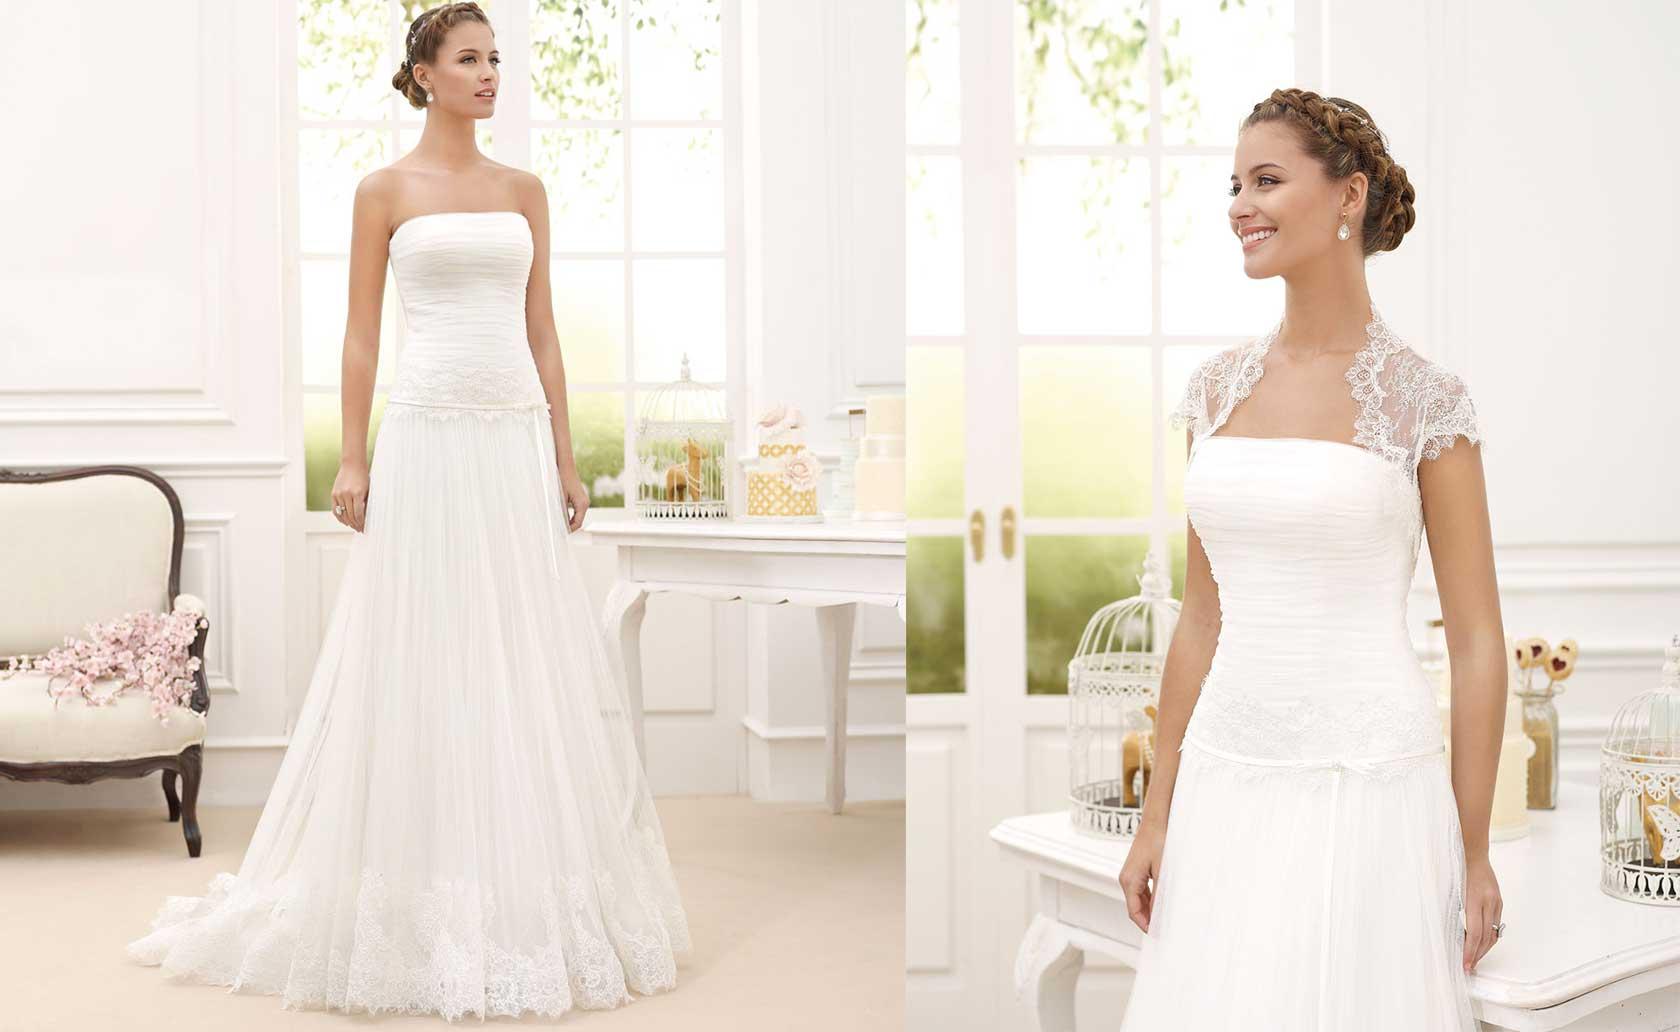 abiti sposa fatti a mano